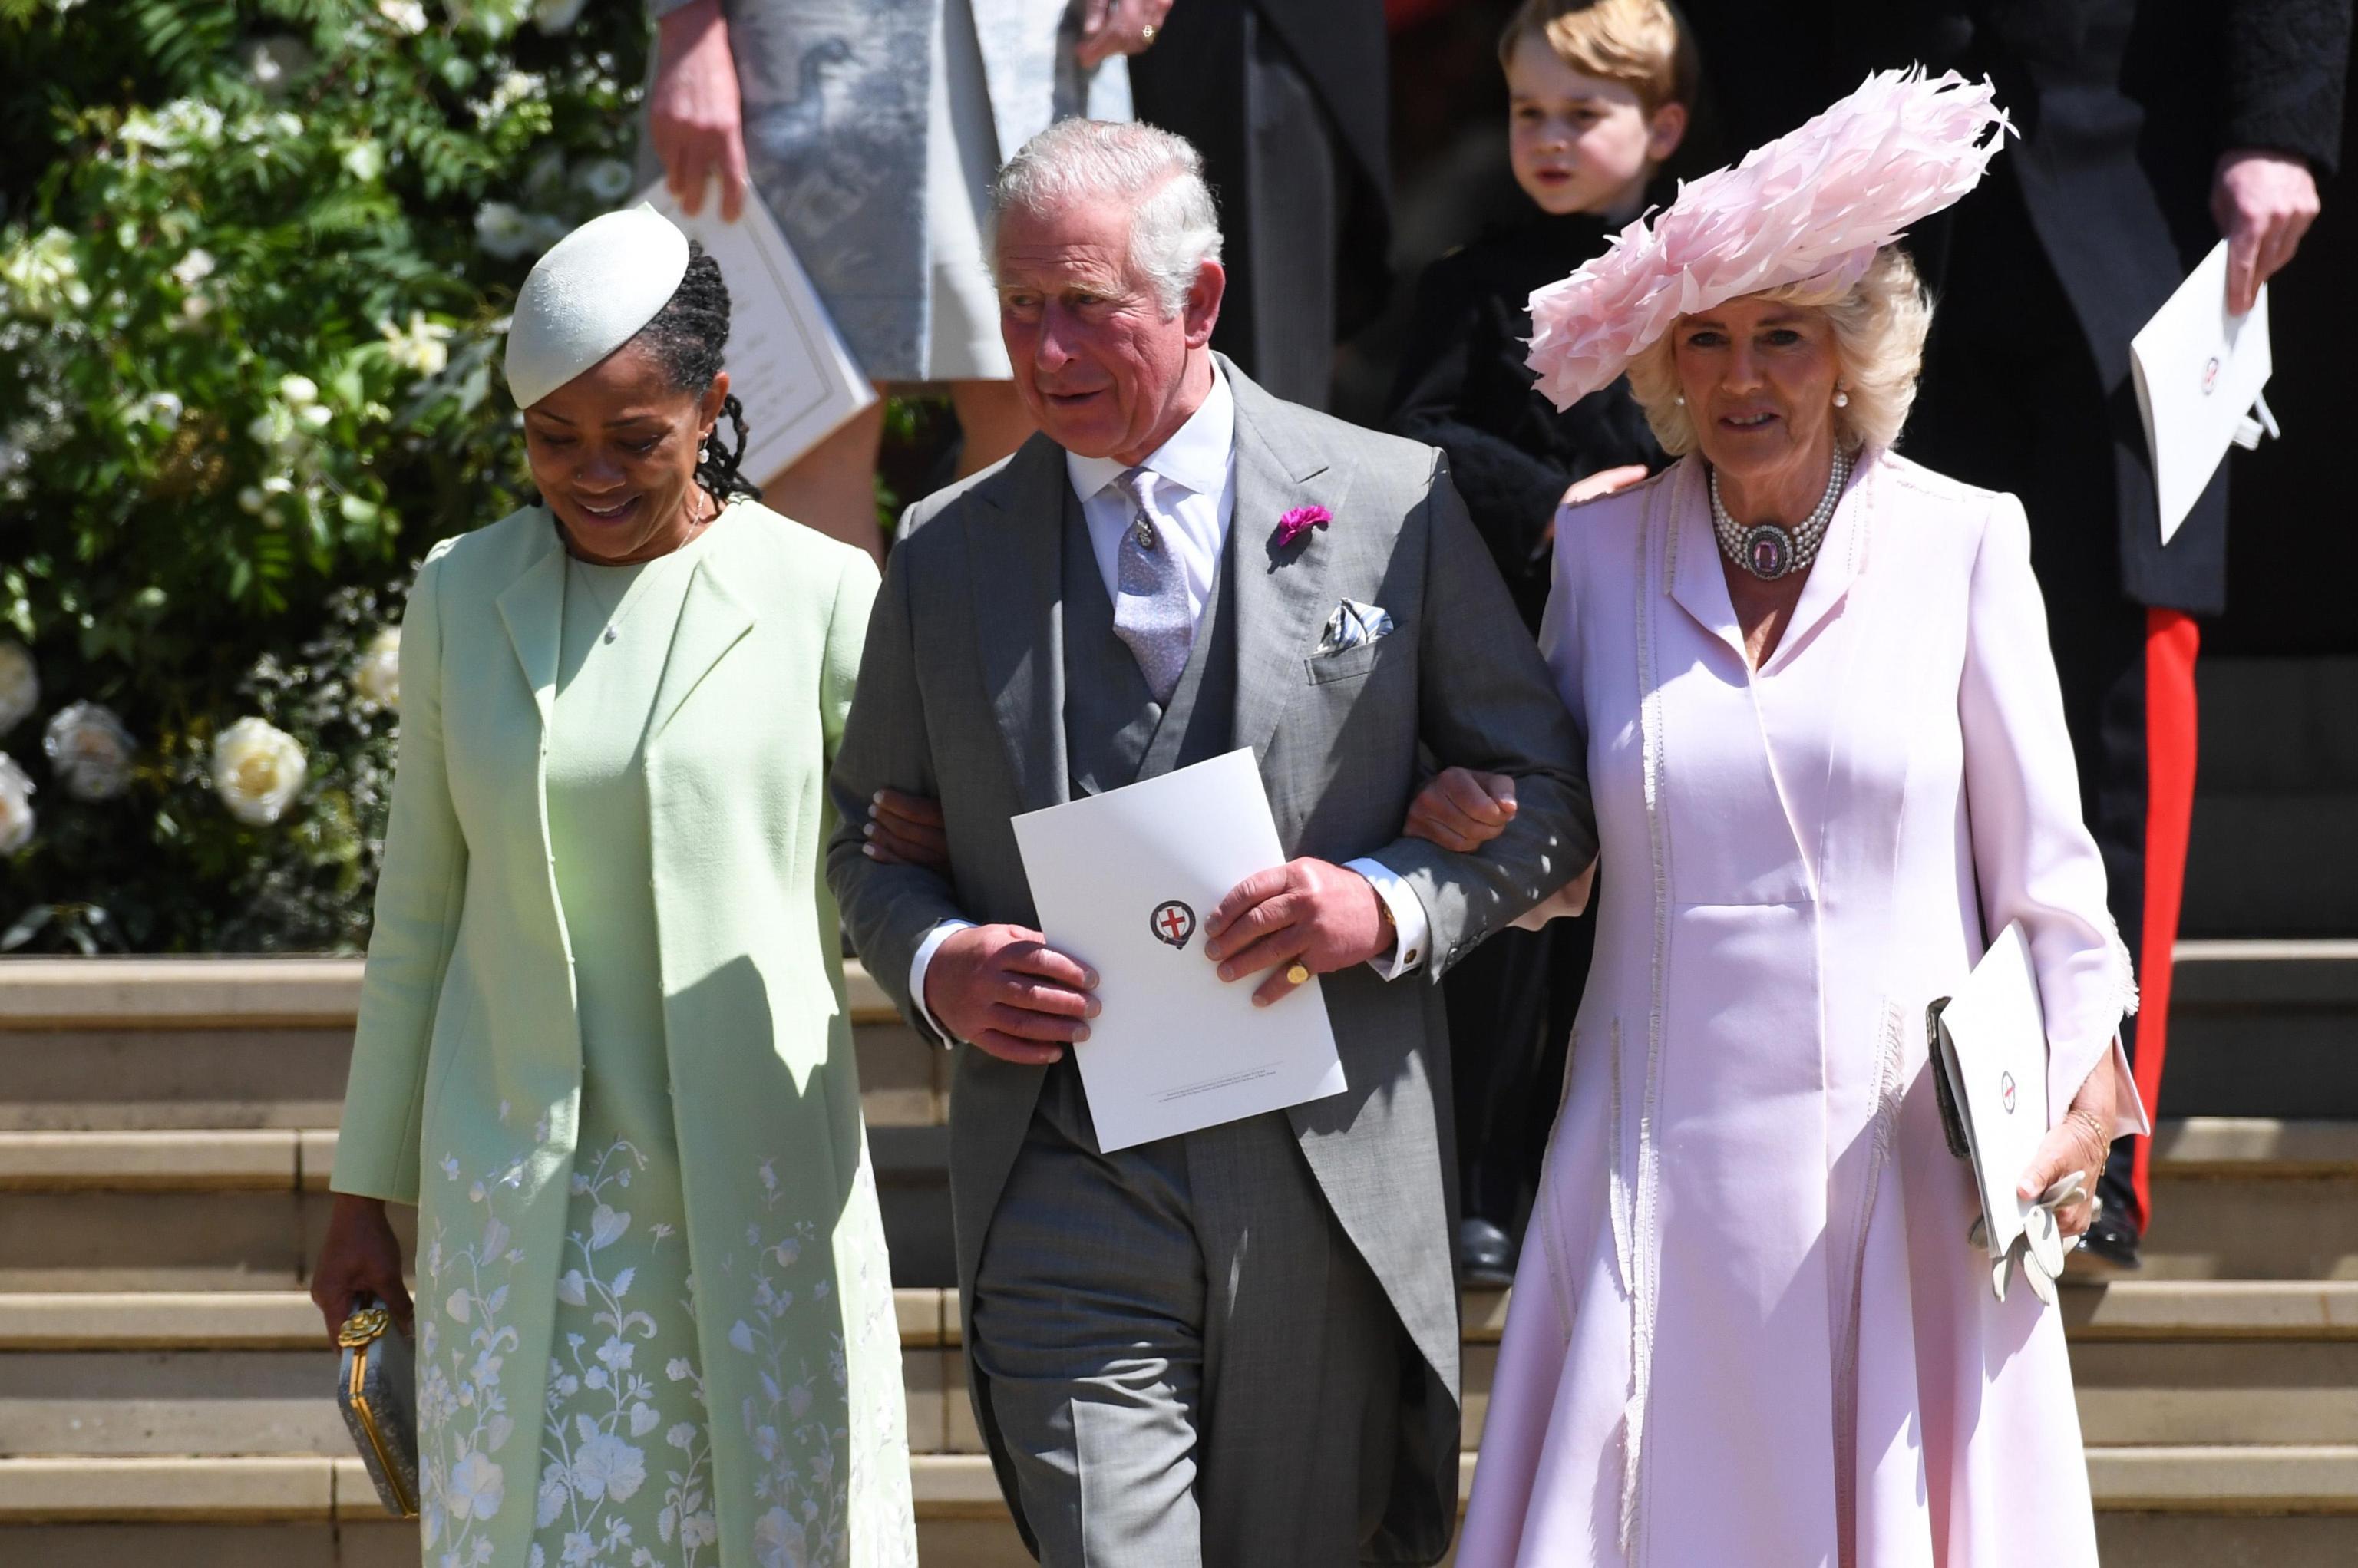 La madre di Meghan Markle Doria Ragland accanto al principe Carlo e a Camilla al royal wedding